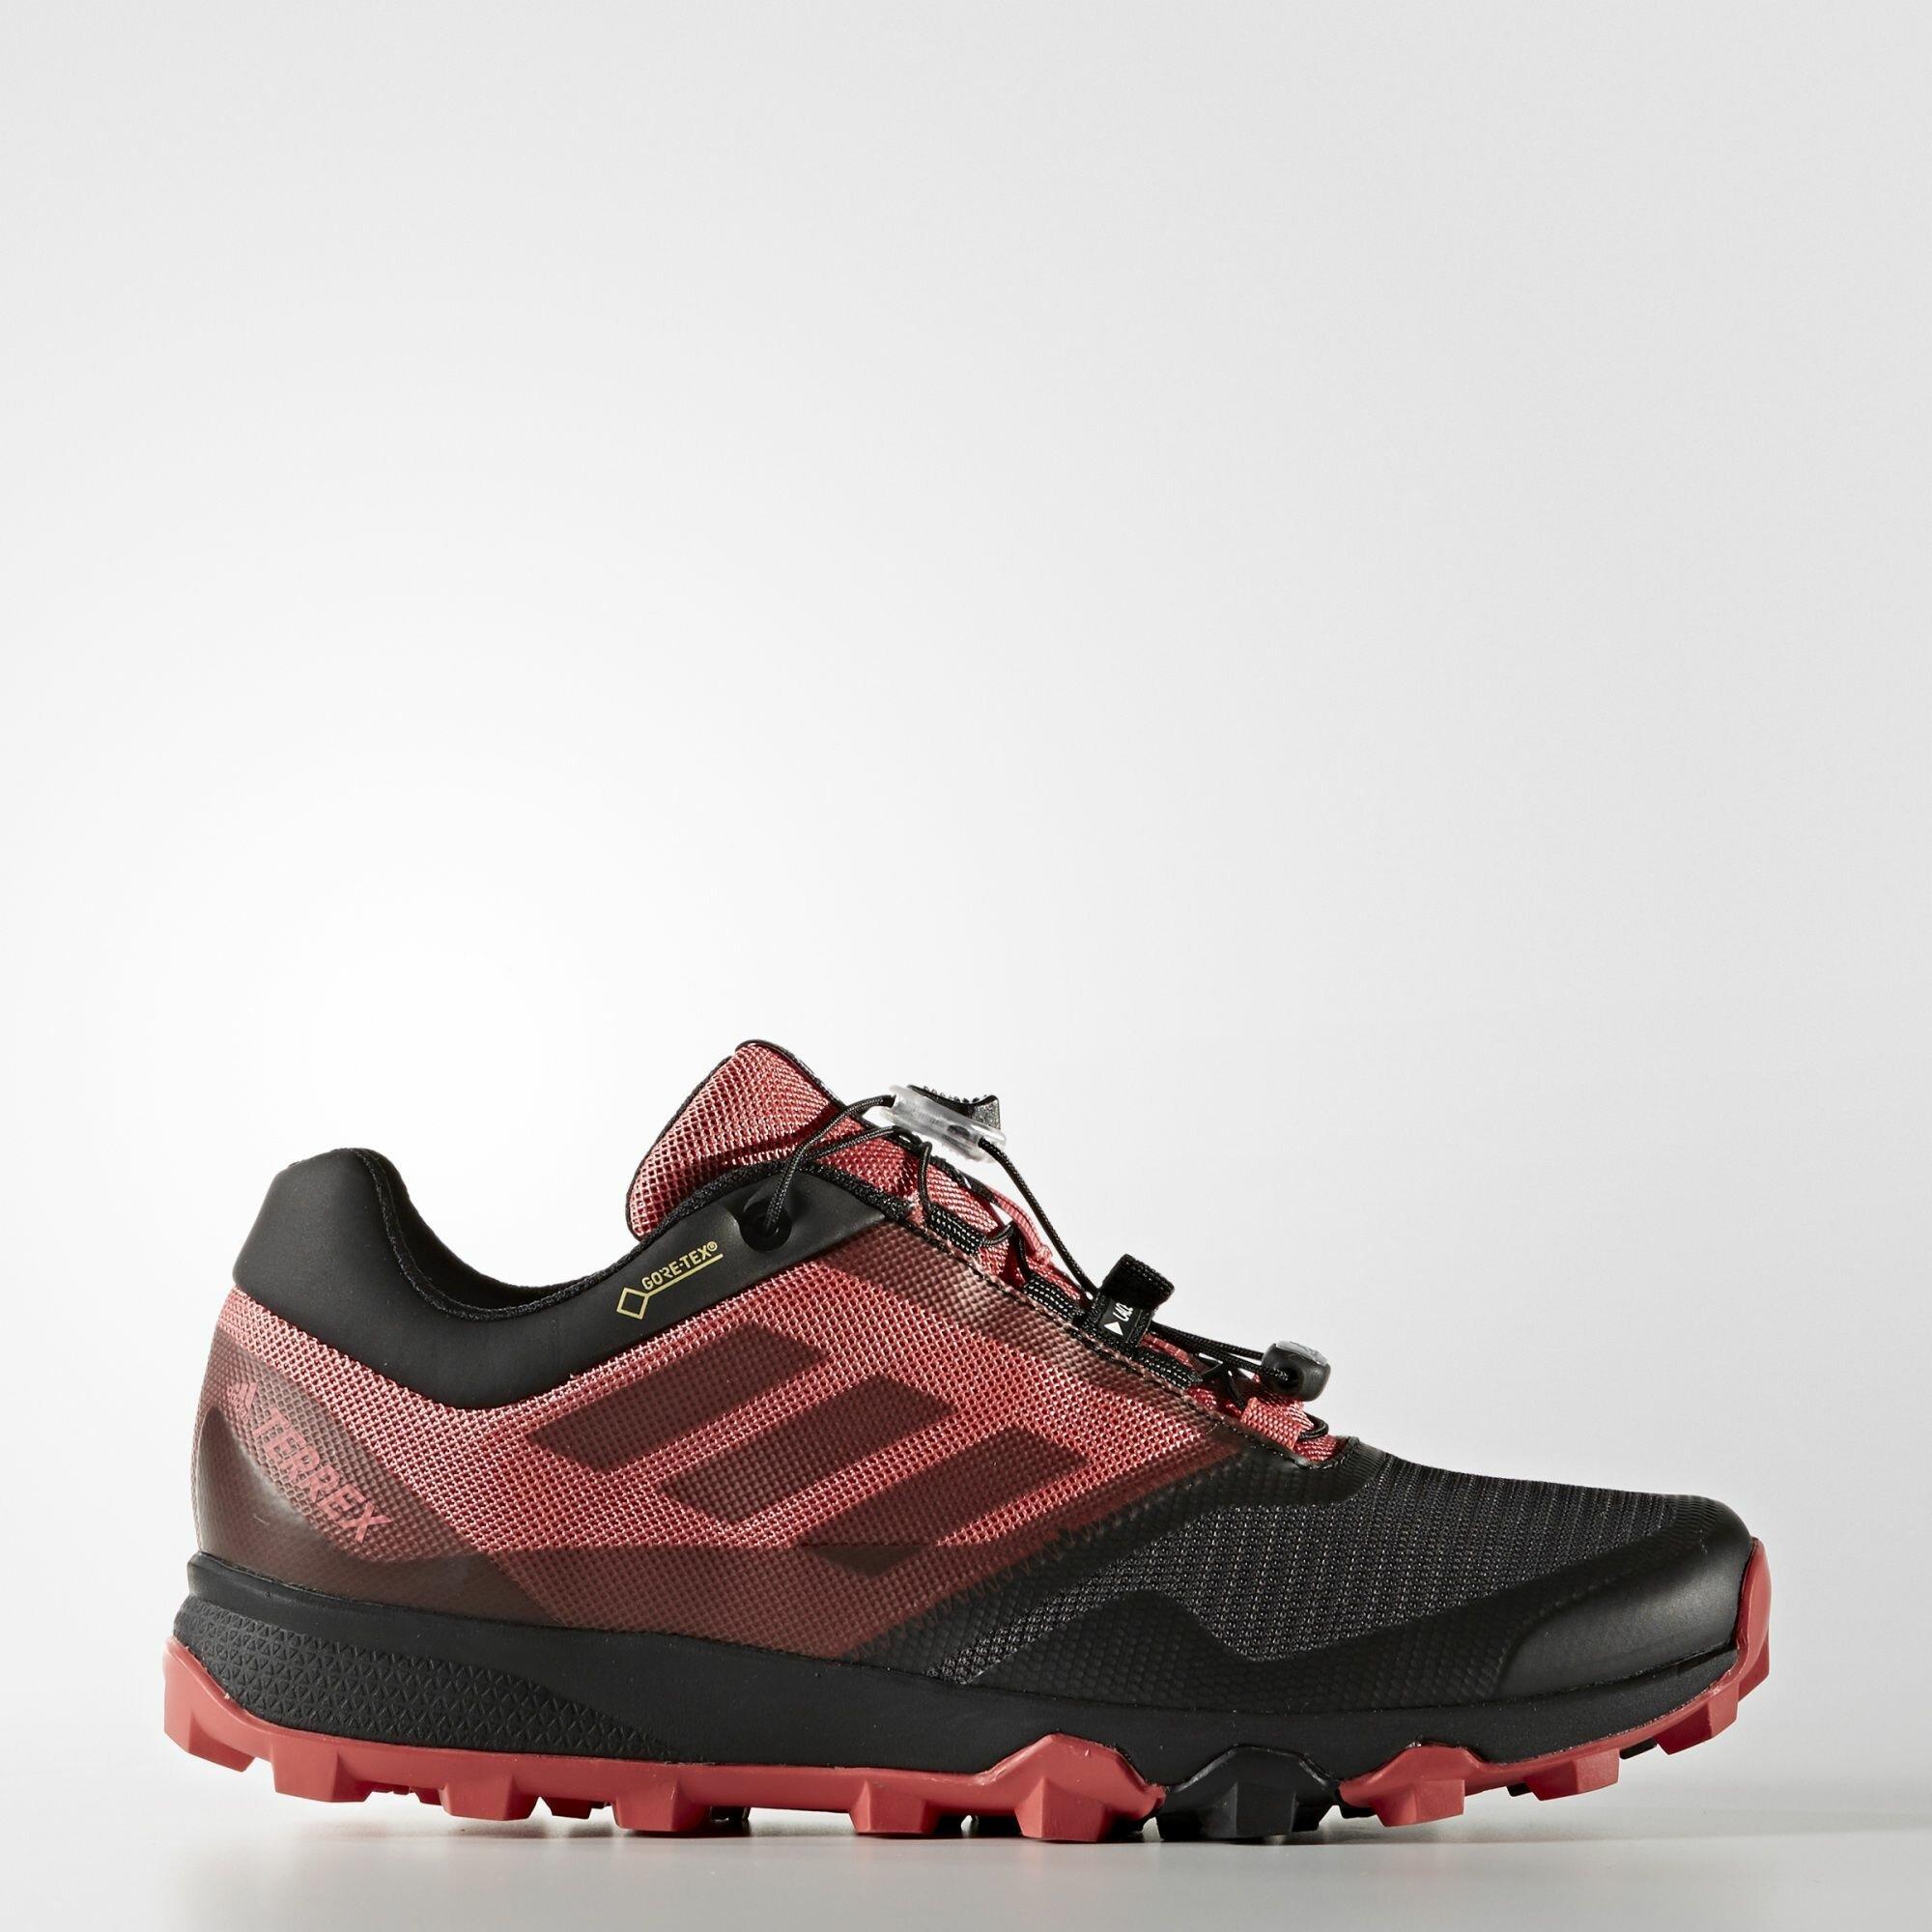 Обувь для трейлраннинга Terrex Trailmaker GTX adidas TERREX Black